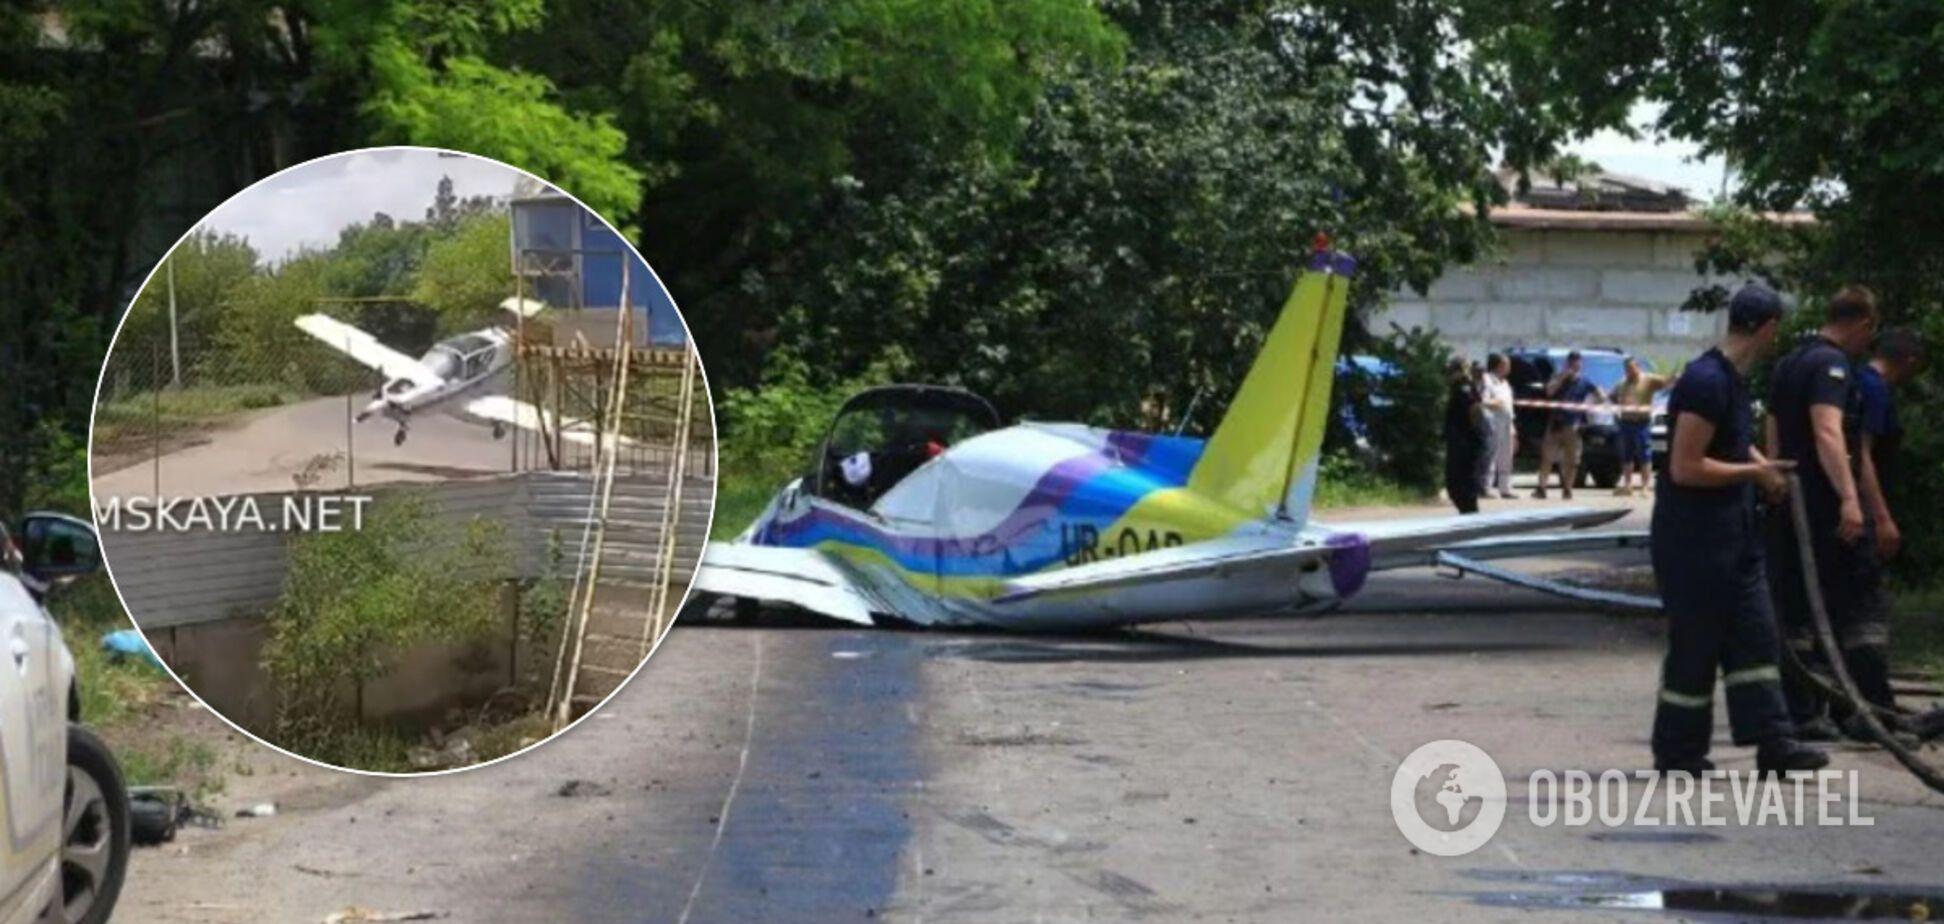 Момент падіння літака в Одесі потрапив на відео